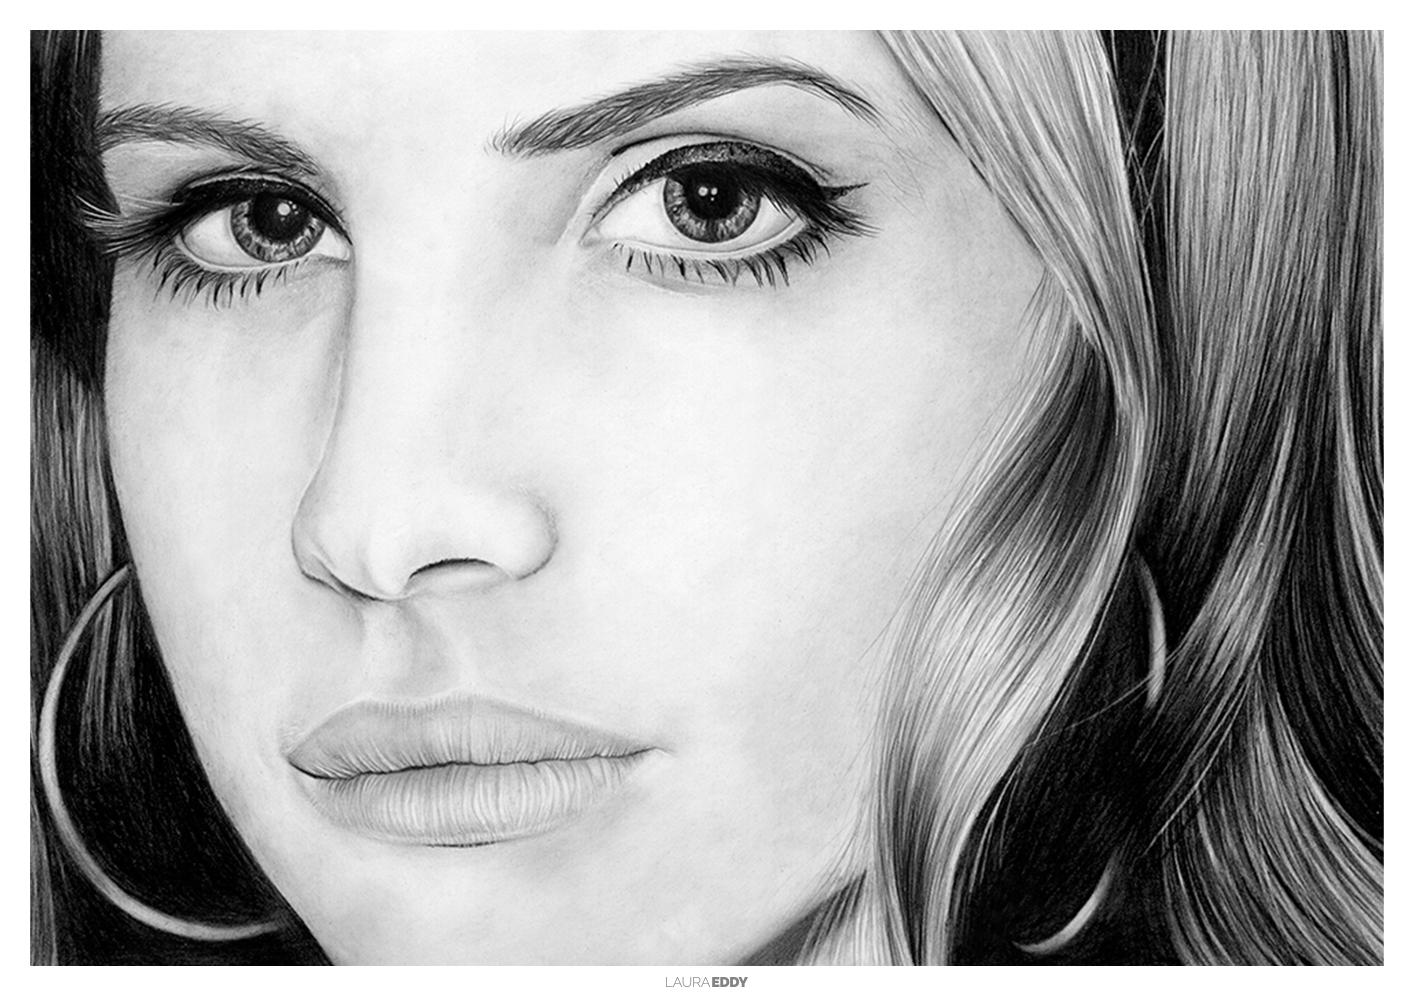 laura-eddy-drawing-lana-del-rey-face-branded.jpg